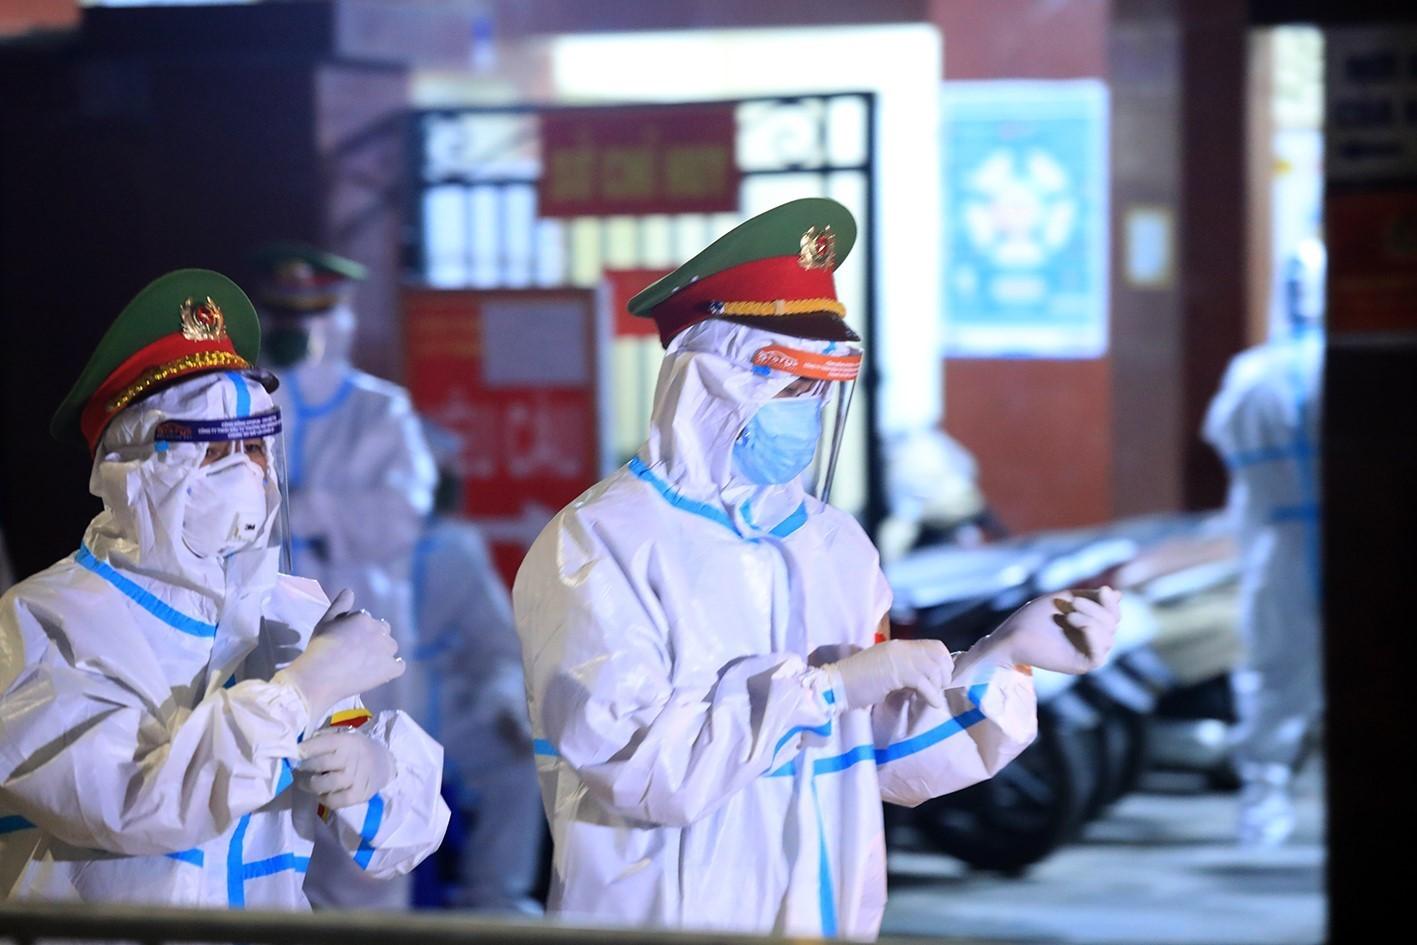 Ngày 15/9, Việt Nam ghi nhận 10.585 ca mắc COVID-19 mới